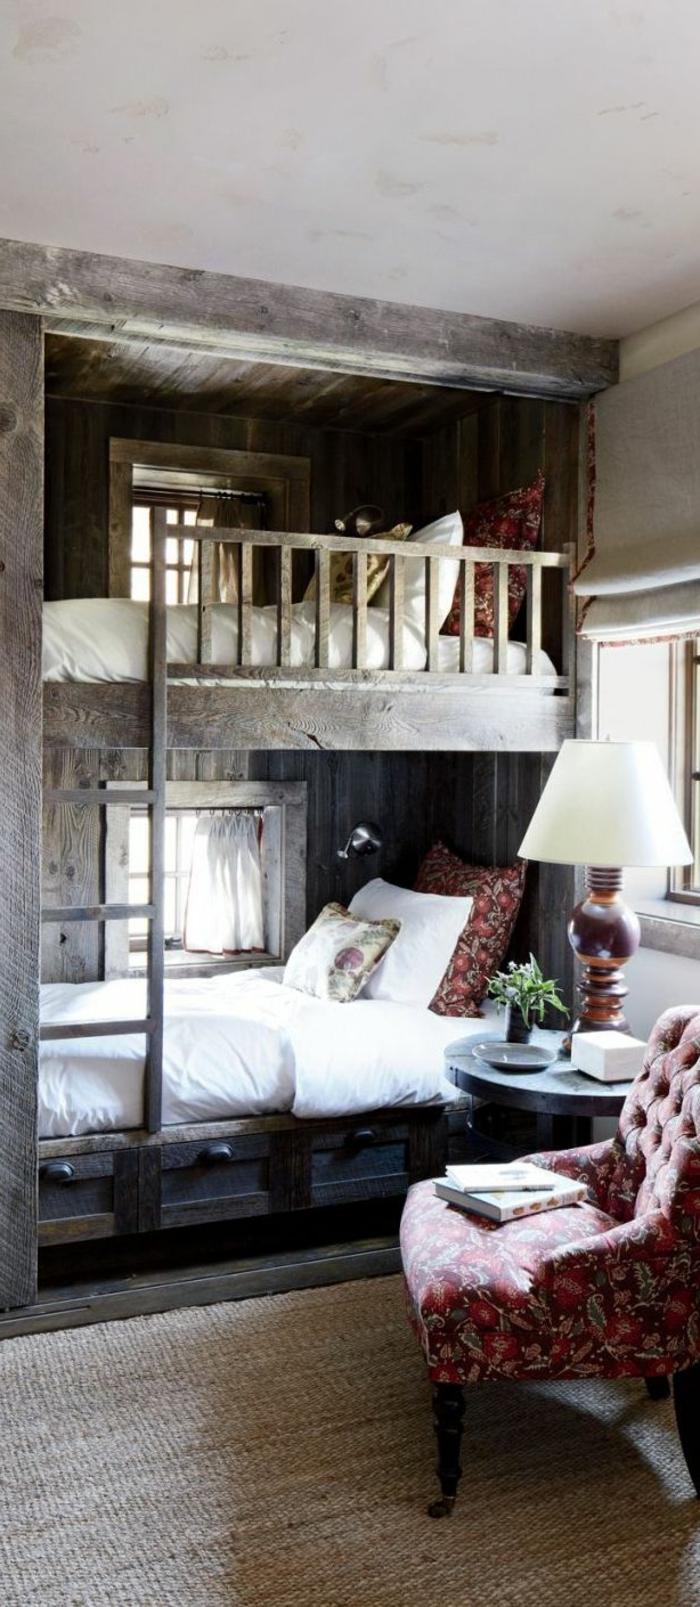 lit-en-bois-massif-chambre-a-coucher-lit-suspendu-en-bois-massif-lampe-de-chevet-blanche